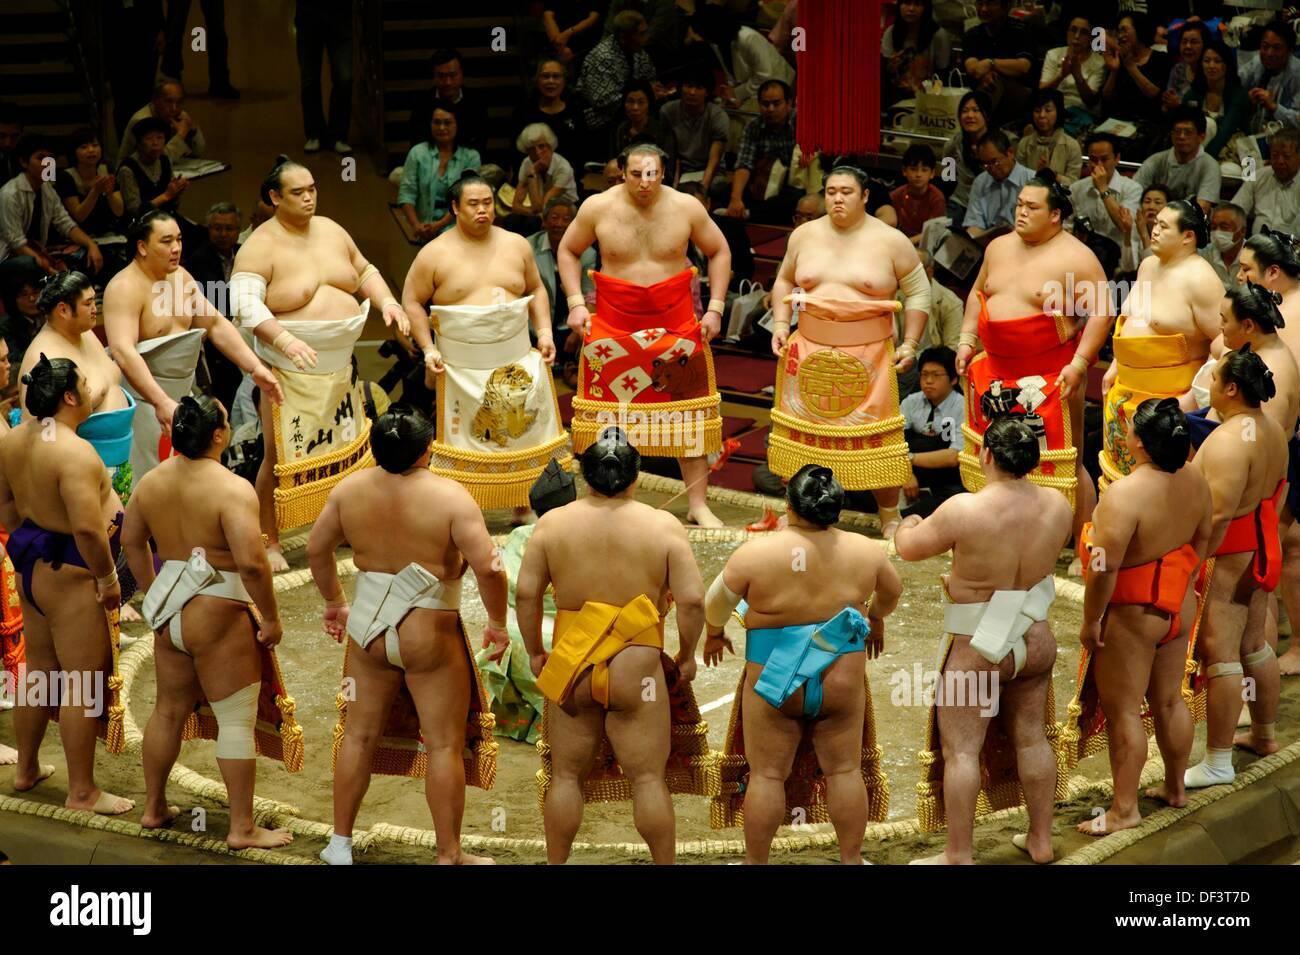 Lottatori di Sumo nel loro decorate grembiule cerimoniale kesho-mawashi si radunano in cerchio intorno al gyoji arbitro nel dohyo-iri, Immagini Stock